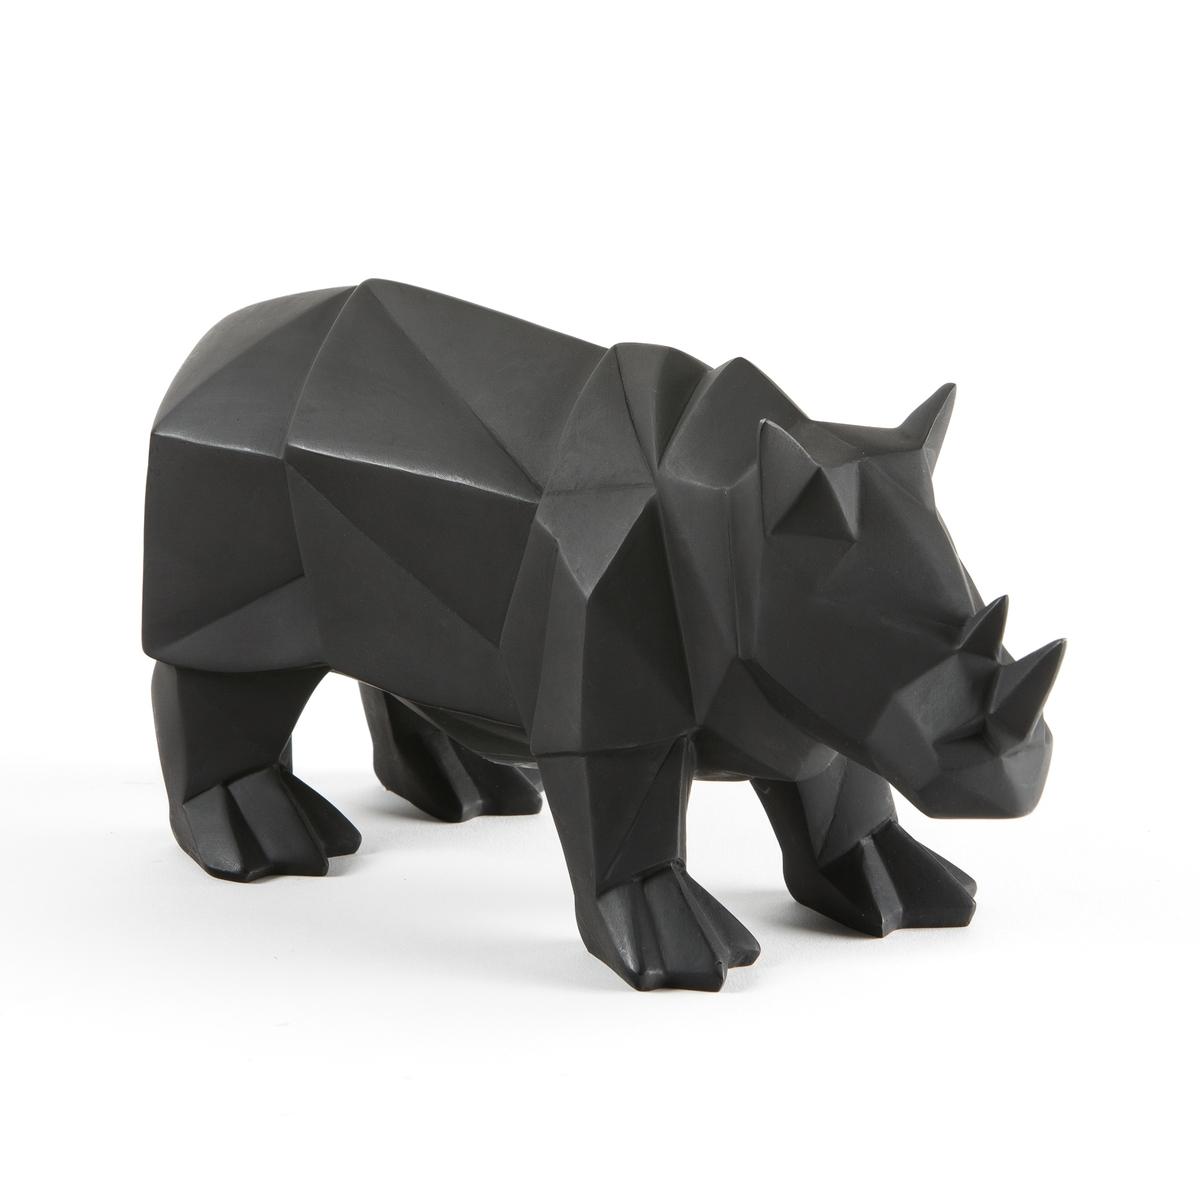 Носорог декоративный BLAZIAНосорог для украшения вашего интерьера в кубическом стиле. Его конструкция напоминает поделки оригами.Характеристики декоративного носорога Blazia :Декоративный носорог из полимера.Размеры декоративного носорога Blazia :Длина 28 смШирина 11 смВысота 14 см<br><br>Цвет: черный<br>Размер: единый размер